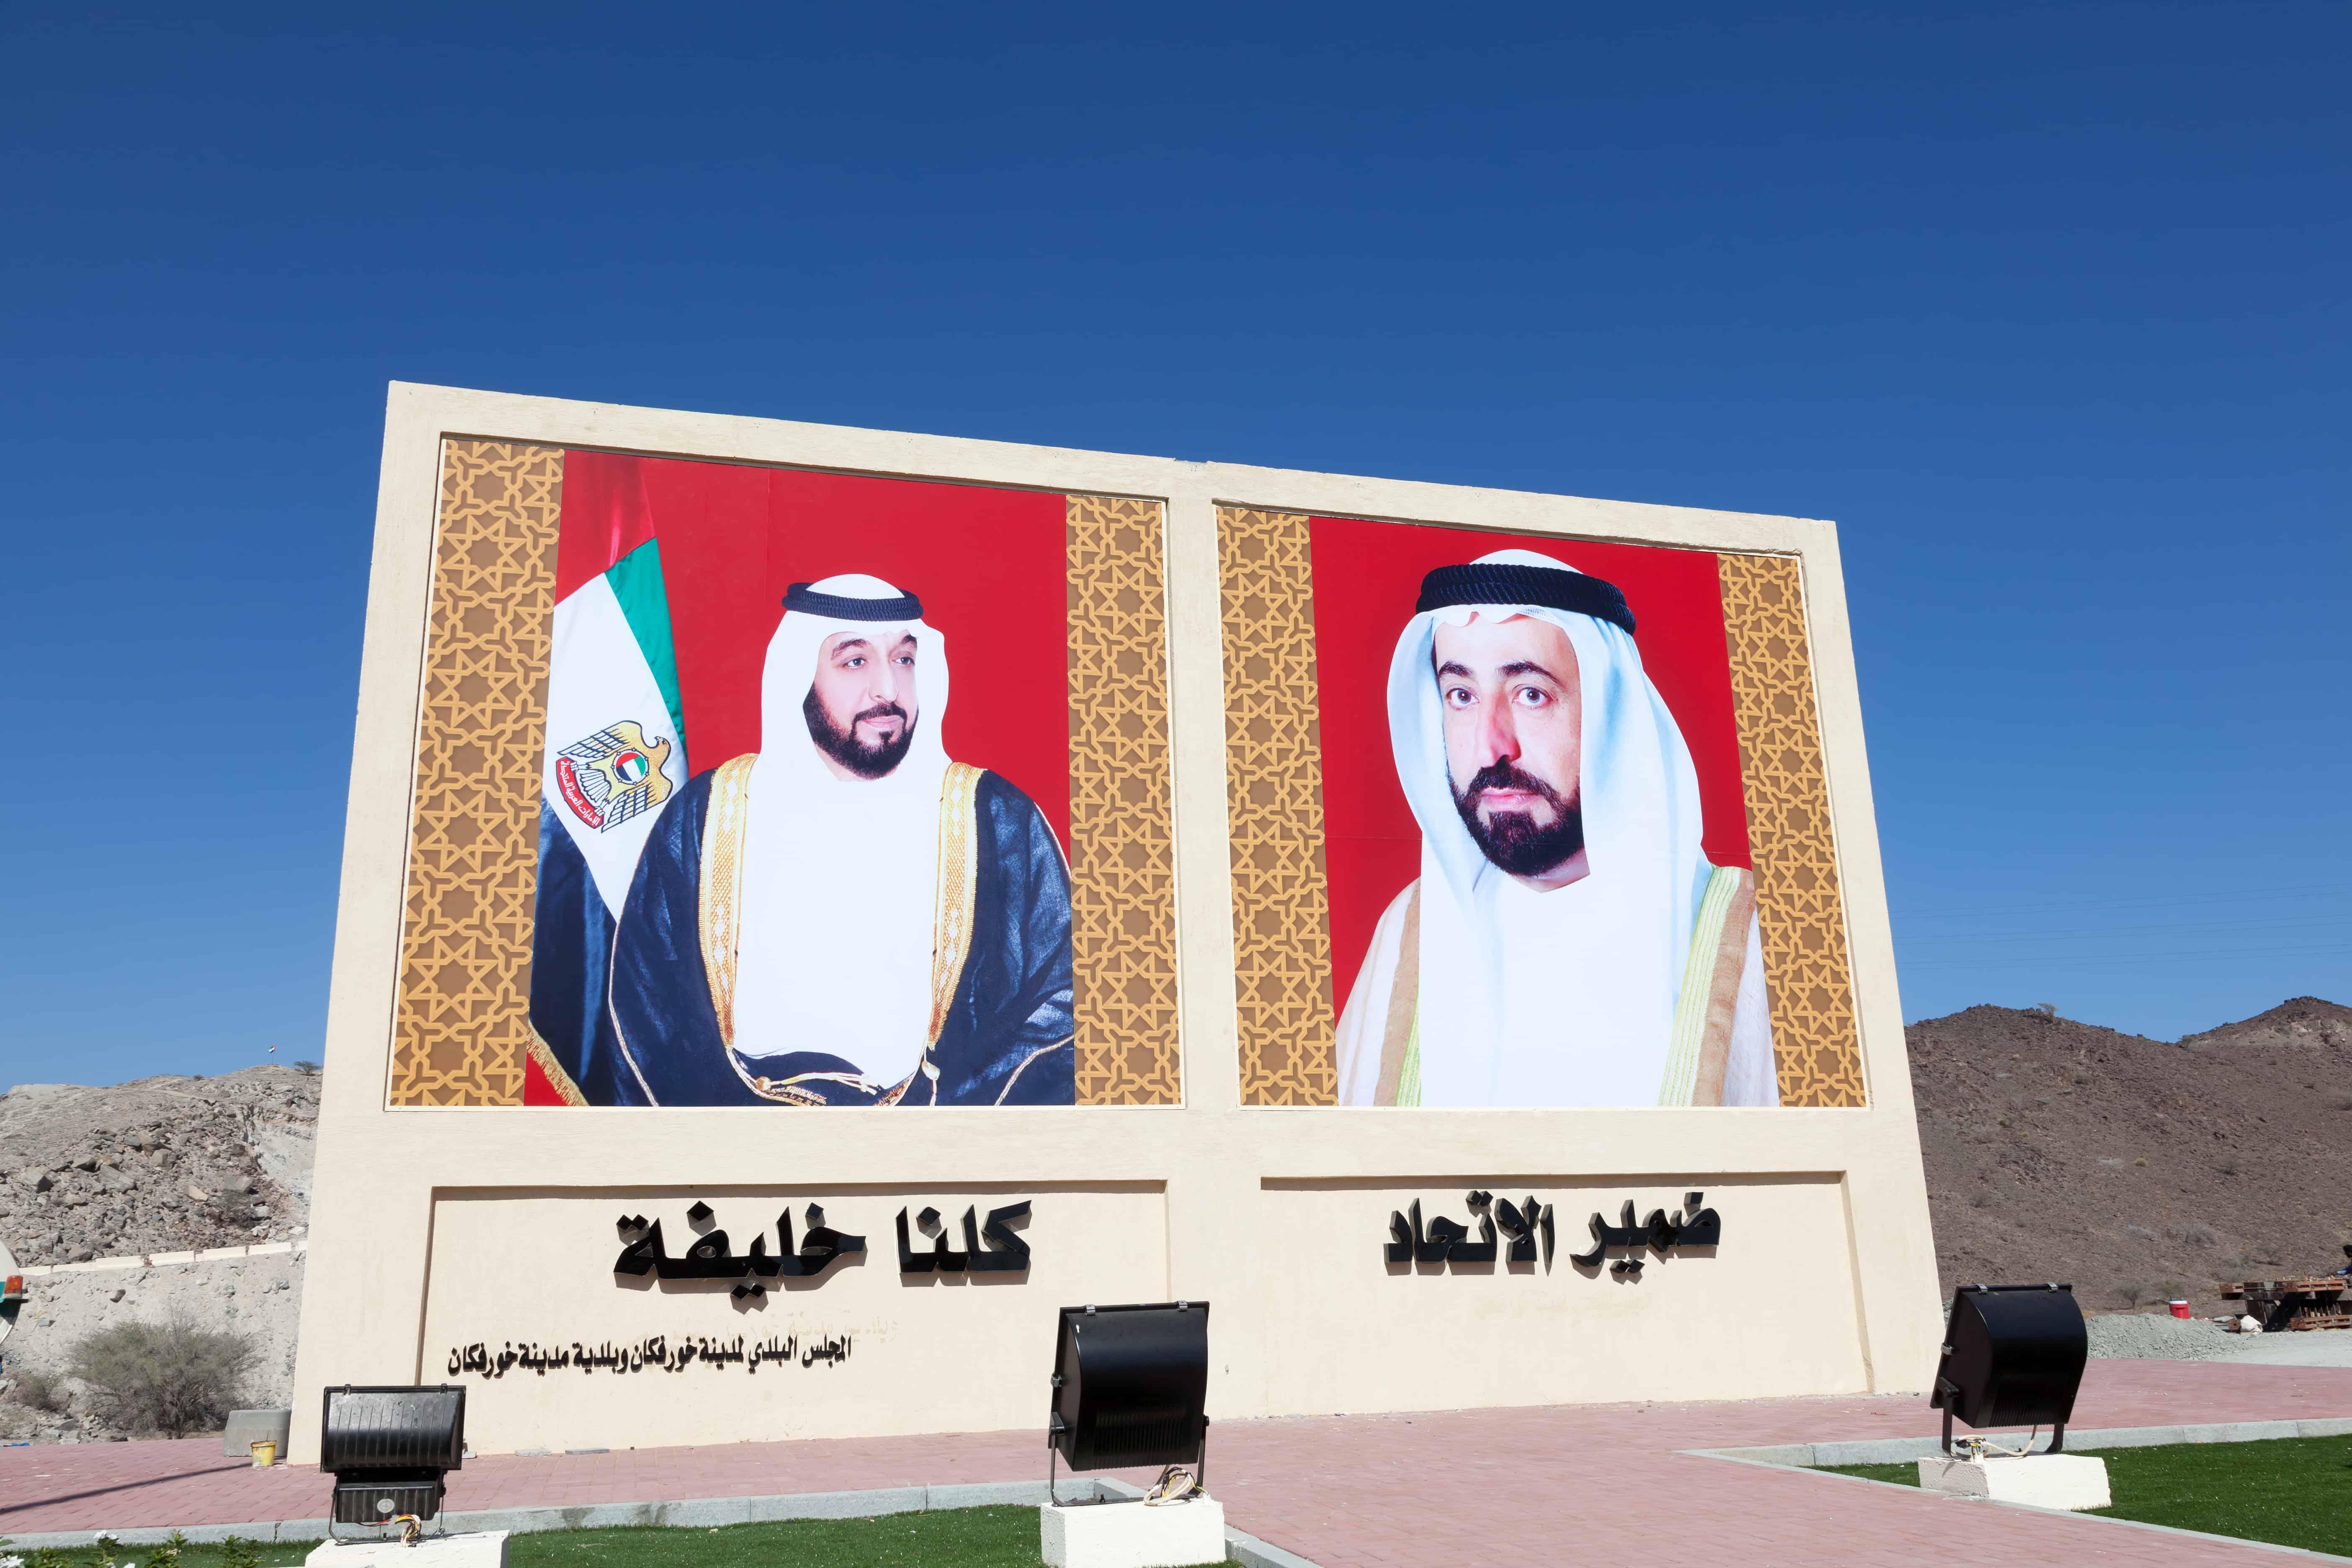 2S-heikh Khalifa Bin Zayed Al-Nahyan